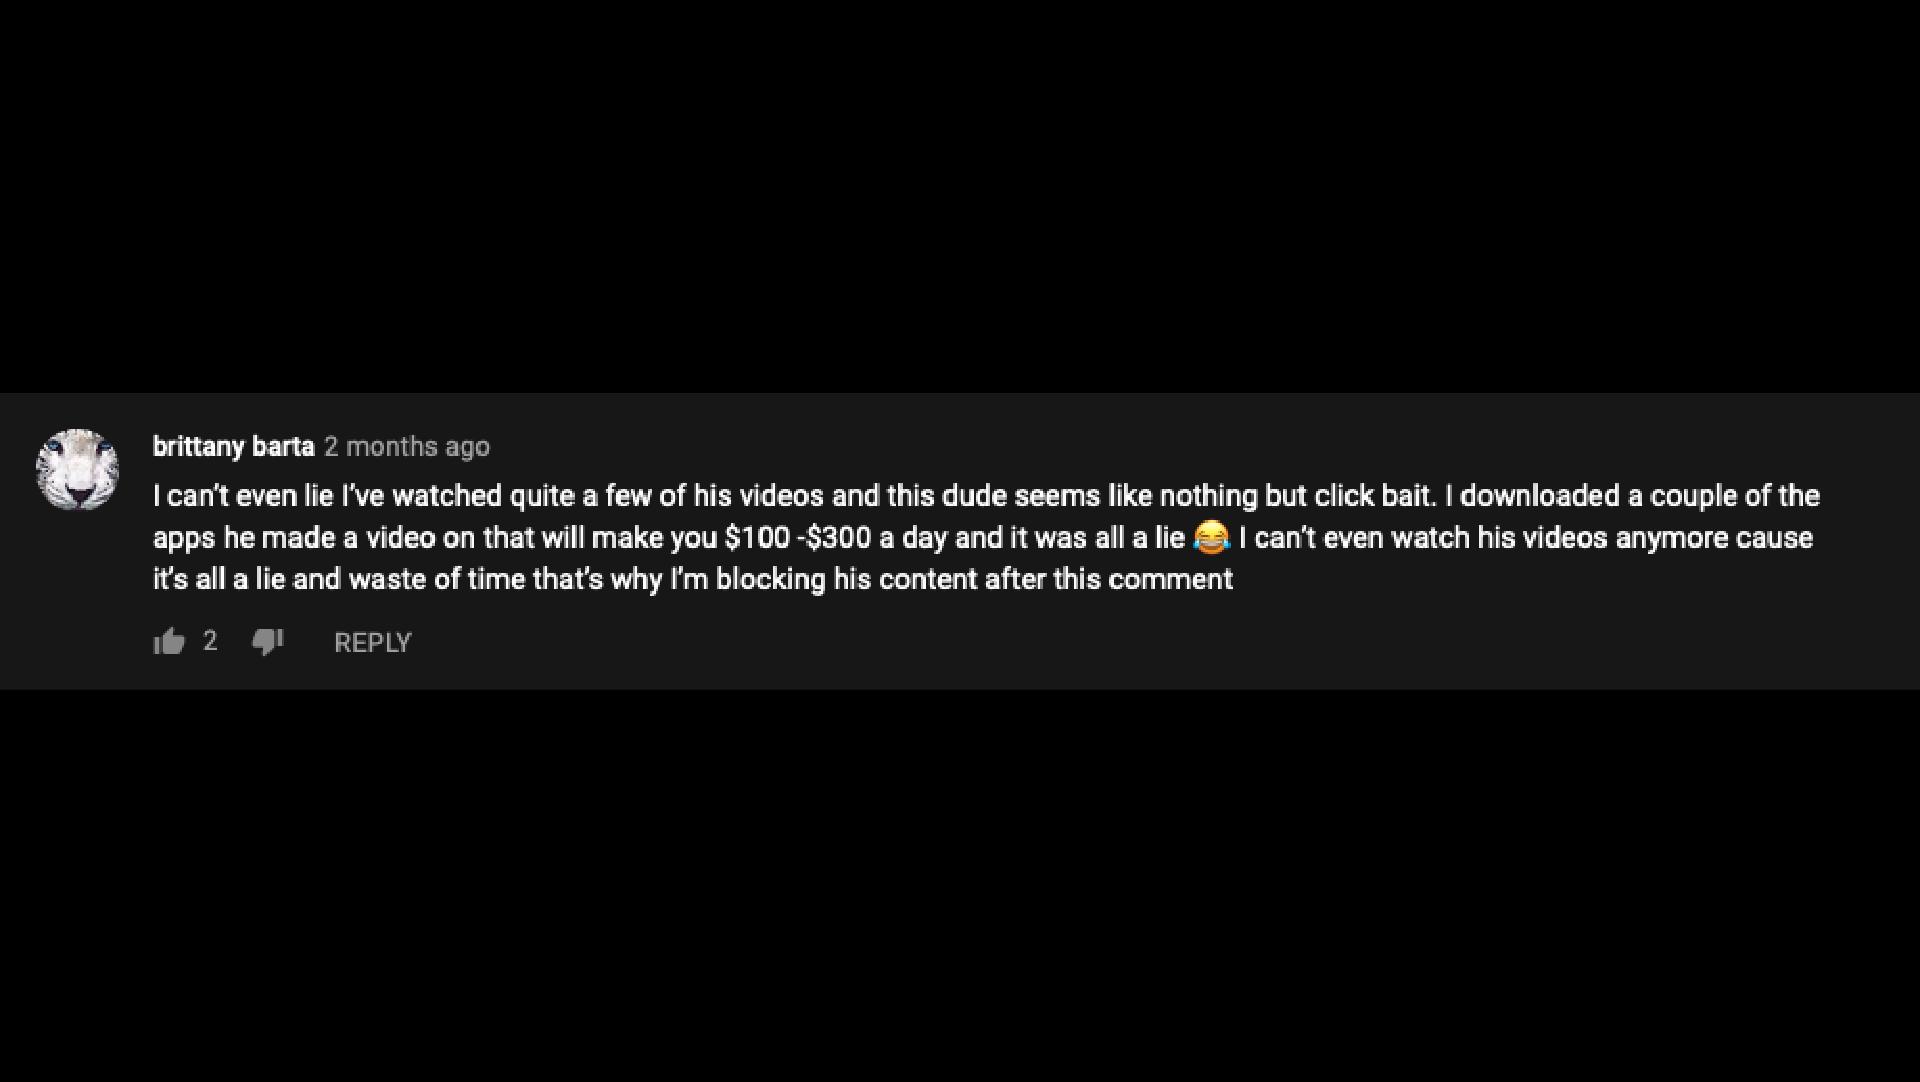 amazon-fba-ninja-review